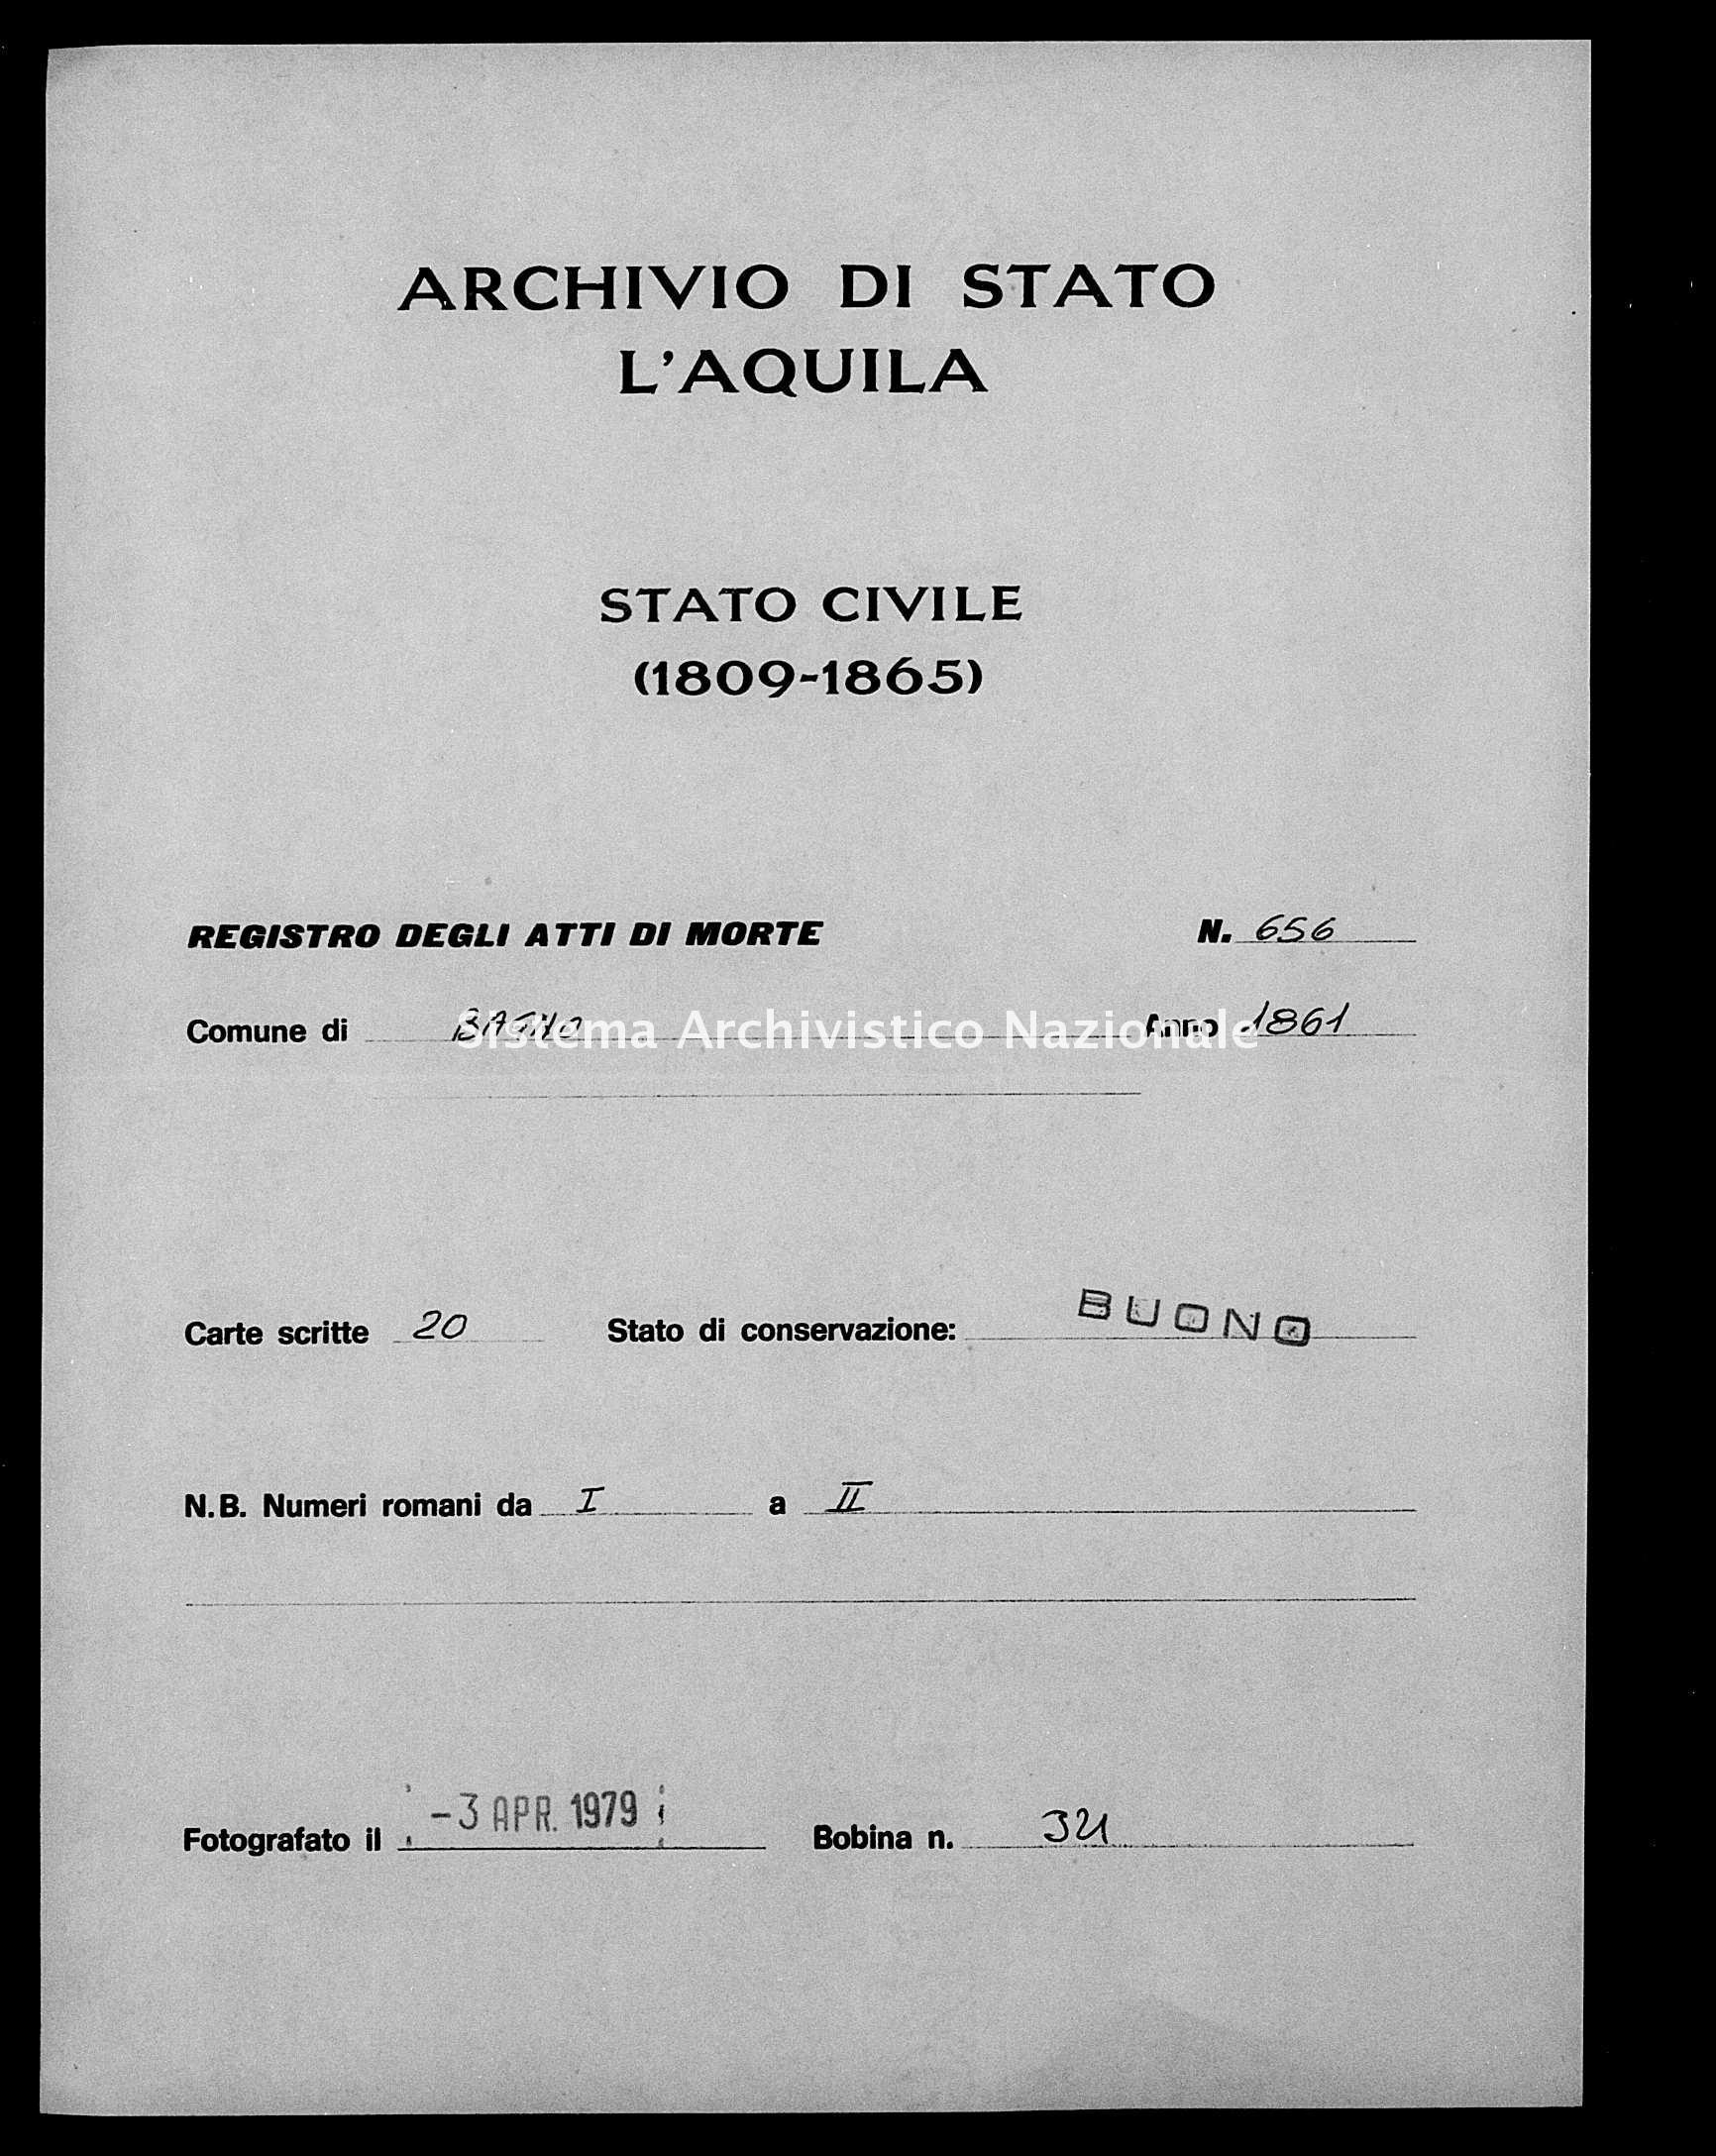 Archivio di stato di L'aquila - Stato civile italiano - Bagno - Morti - 1861 - 656 -